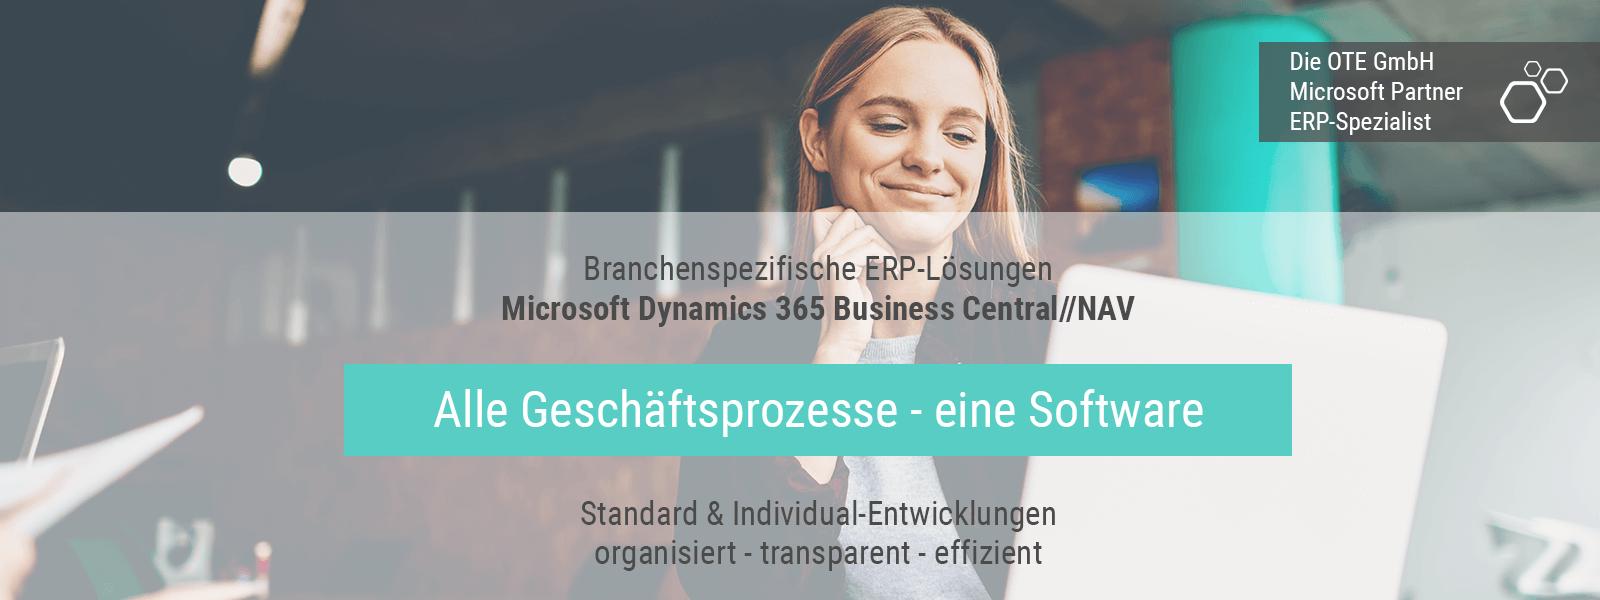 Header-OTE GmbH-Microsoft Partner-ERP-Spezialist am Bodensee